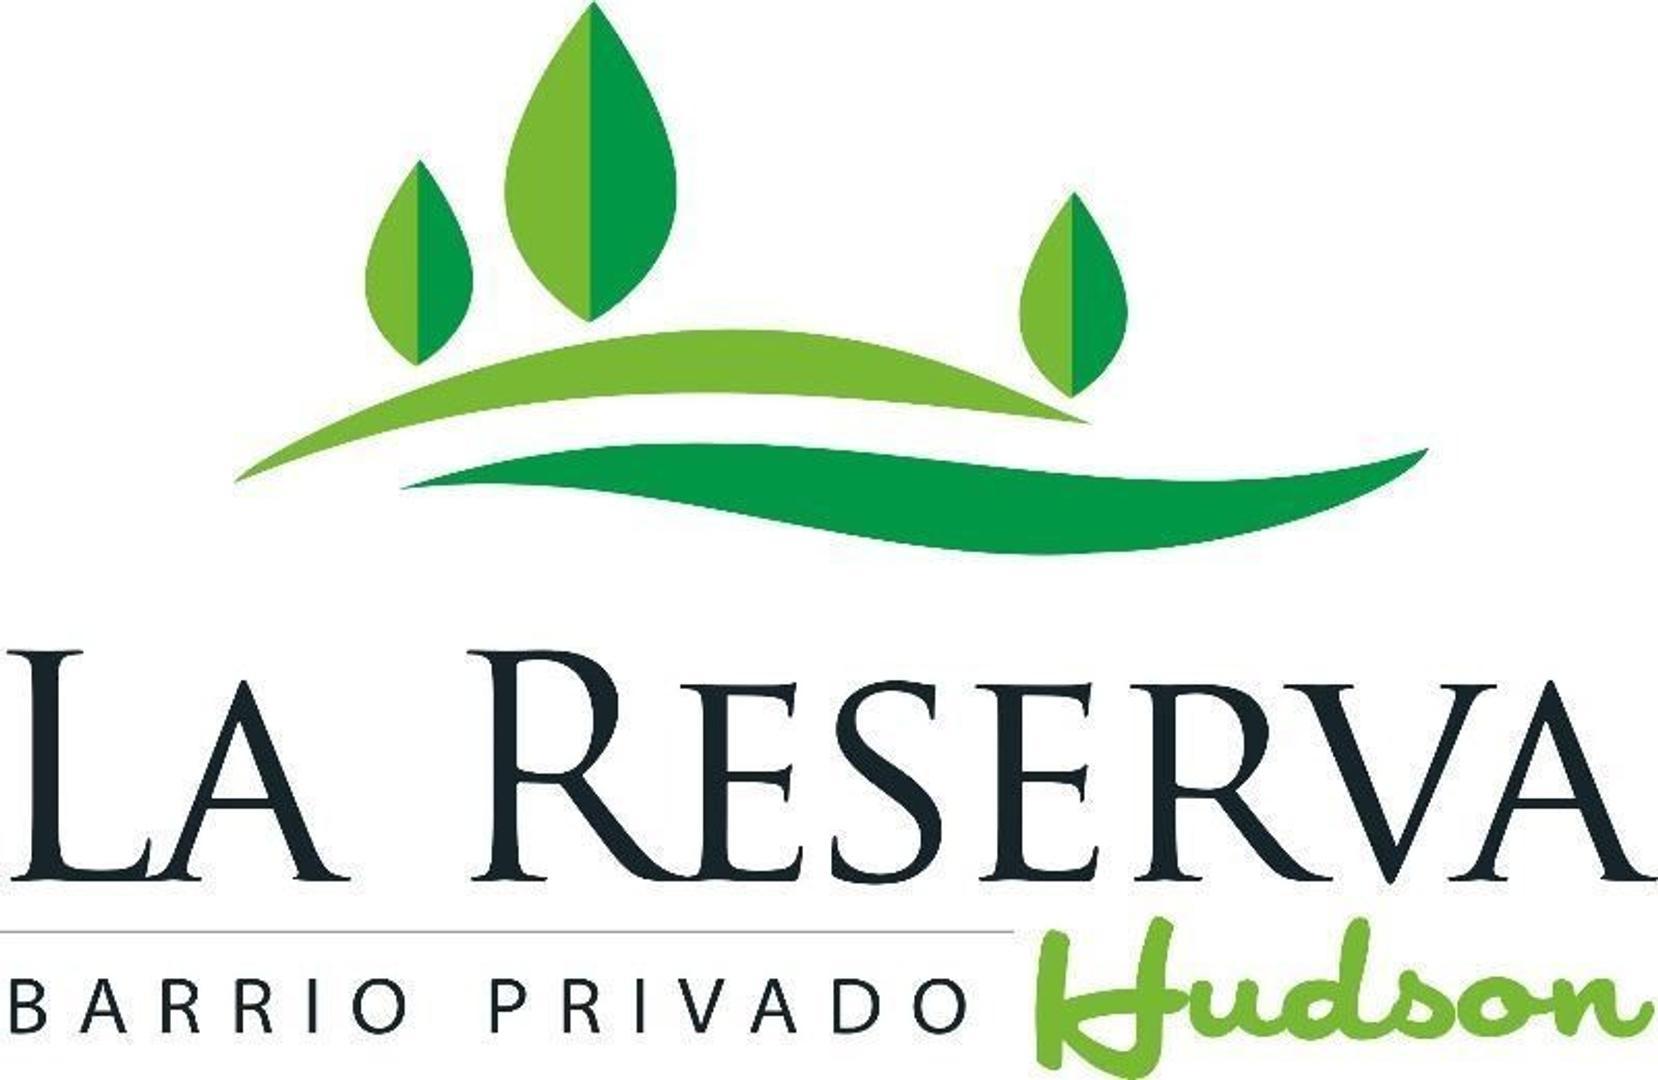 LOTES EN BARRIO PRIVADO LA RESERVA DE HUDSON